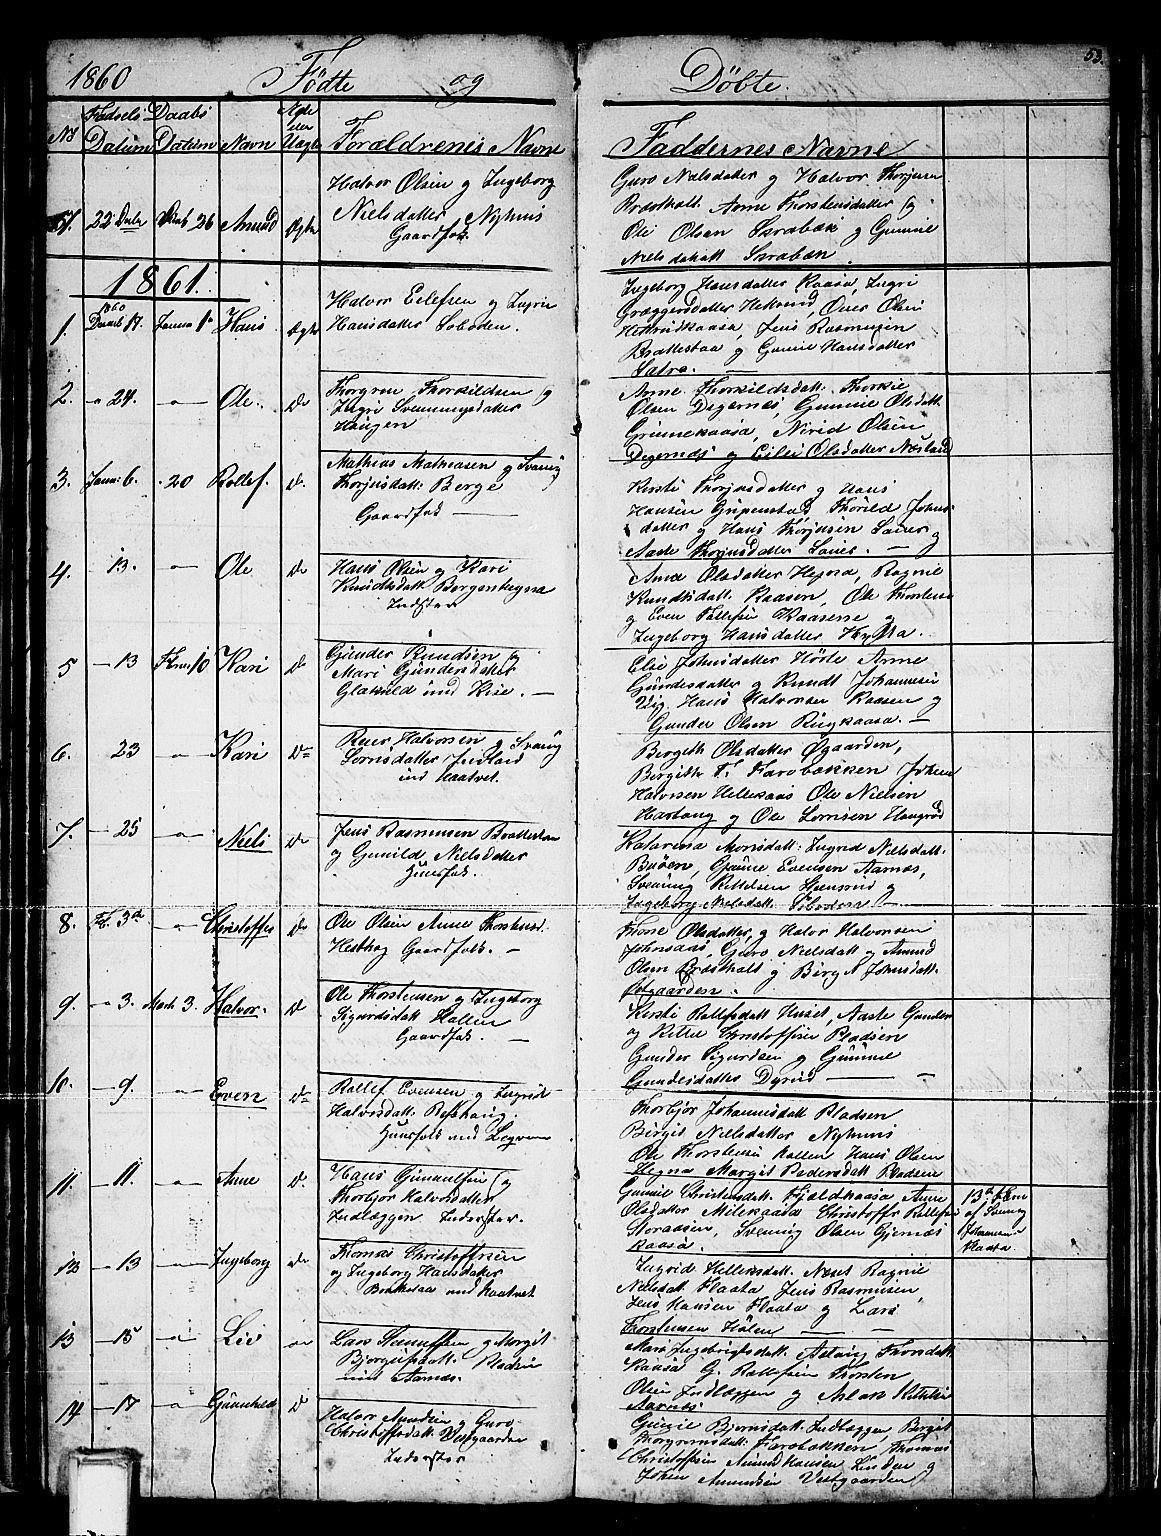 SAKO, Sauherad kirkebøker, G/Gb/L0001: Klokkerbok nr. II 1, 1845-1865, s. 53